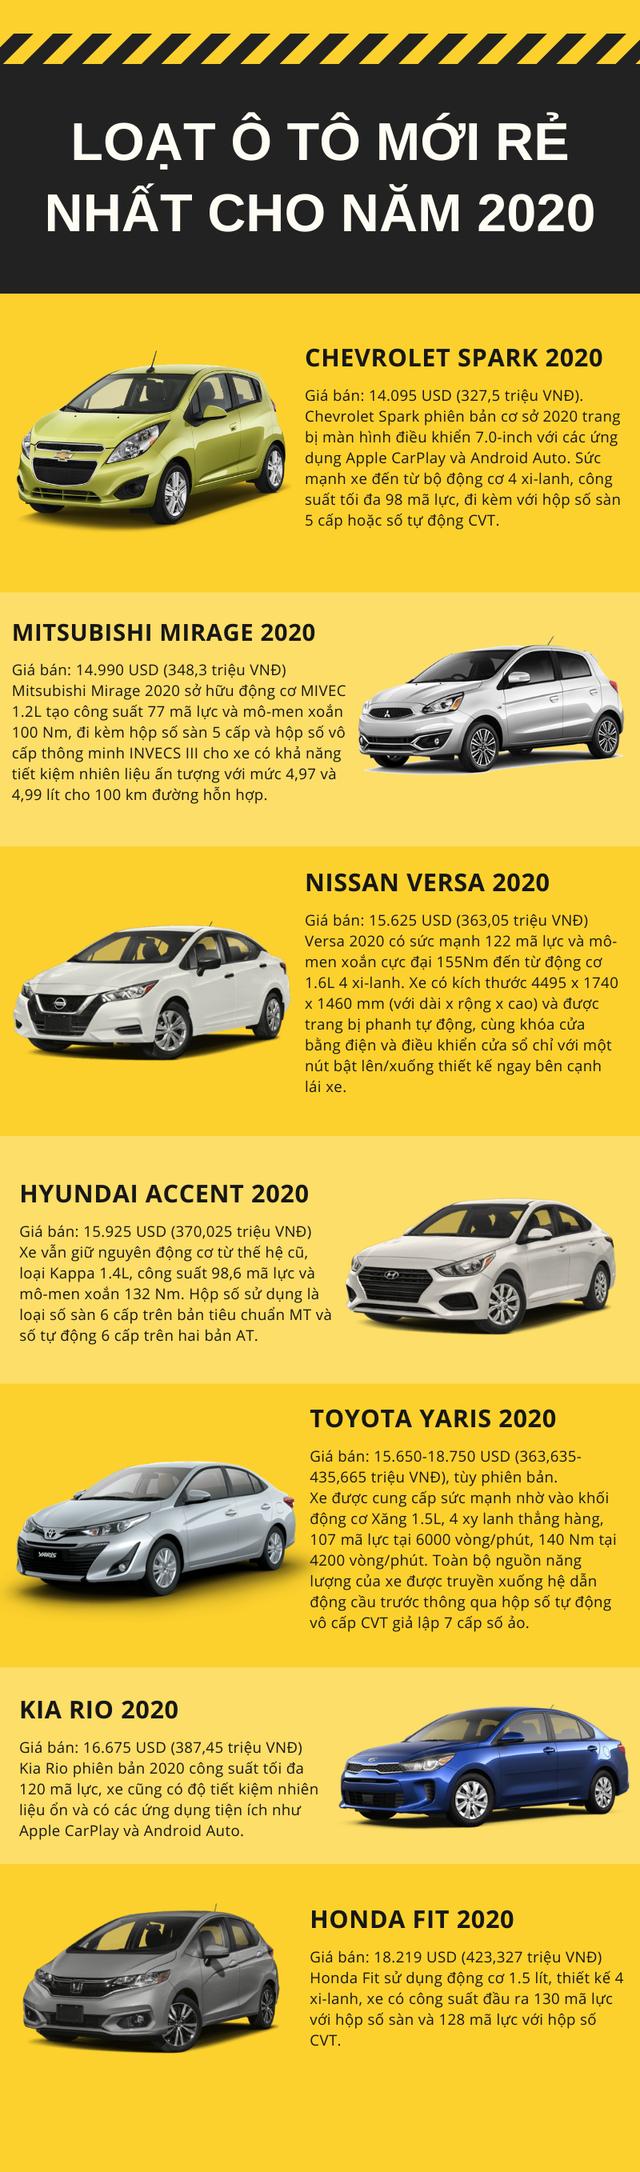 Loạt xe giá rẻ sắp ra mắt trong năm 2020, giá chỉ từ 327 triệu đồng - Ảnh 1.